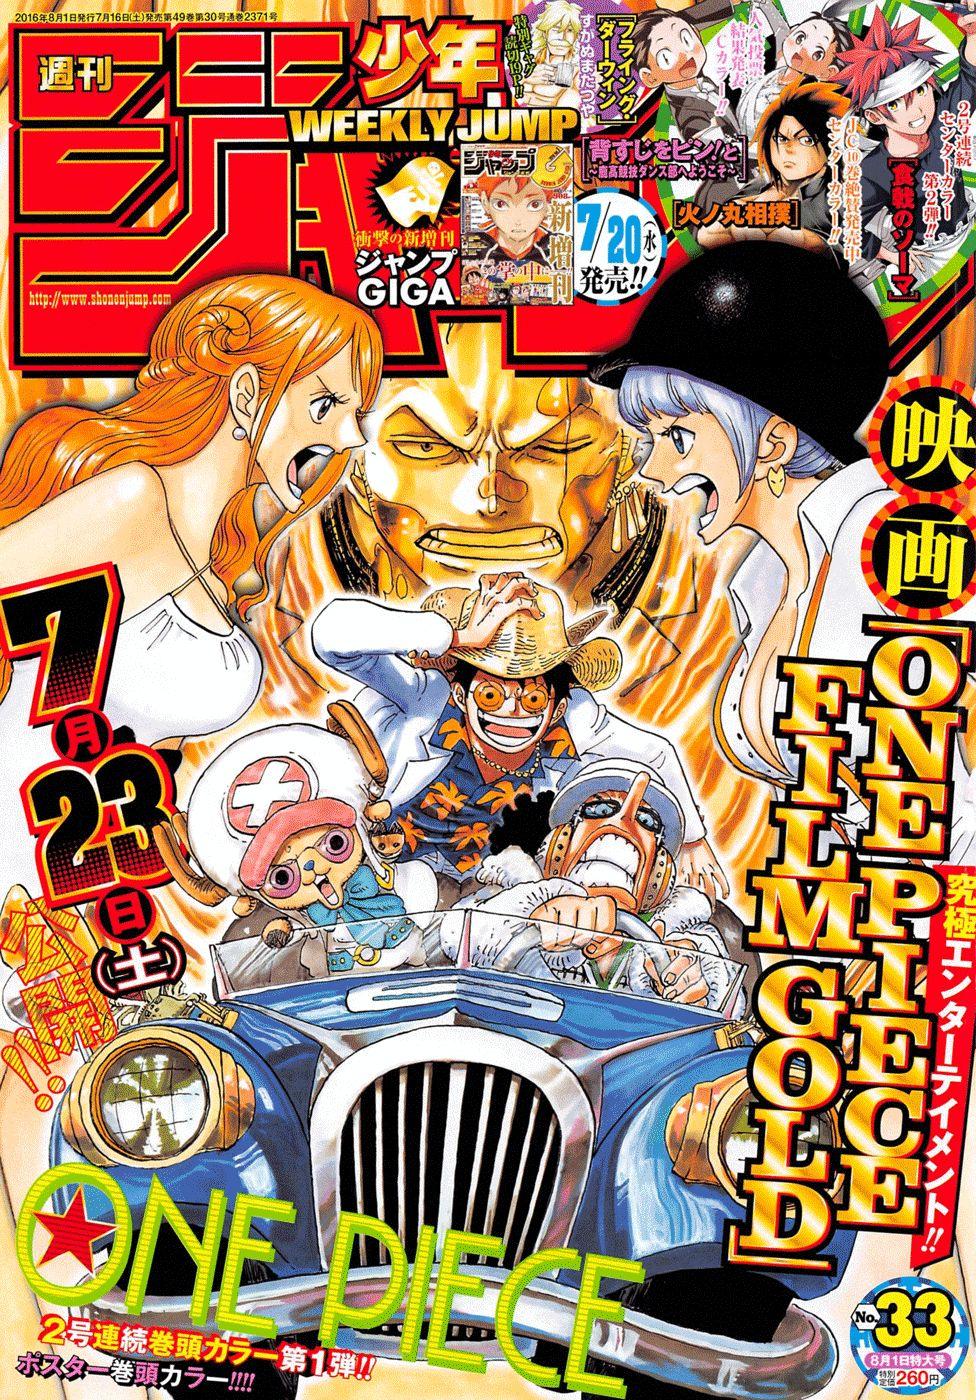 http://c5.ninemanga.com/es_manga/50/114/483599/c393ff5eb0ca0c31ee7b9014afc0b0b0.jpg Page 2